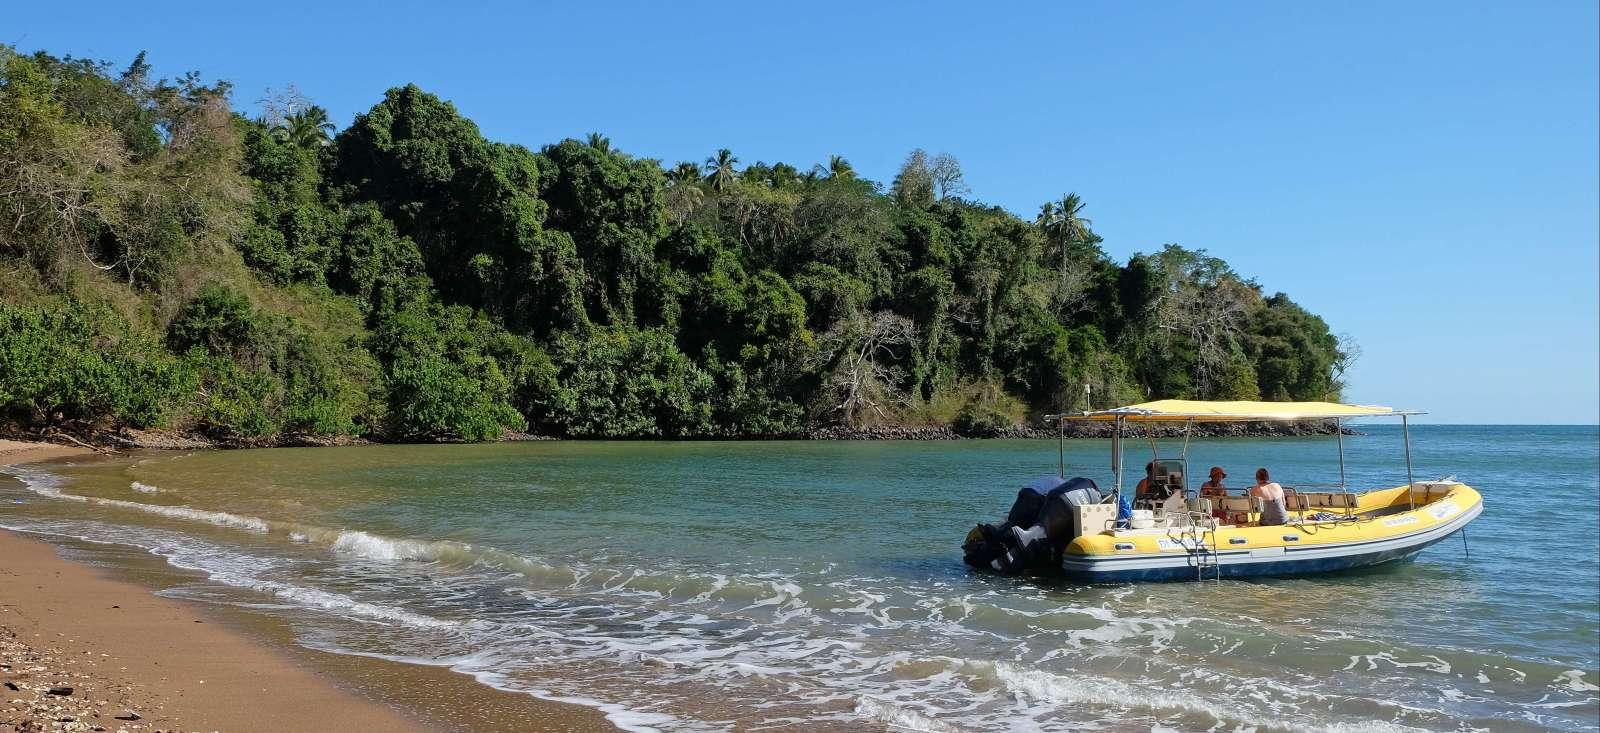 Voyage avec des animaux : Rando et Mayotte bain !